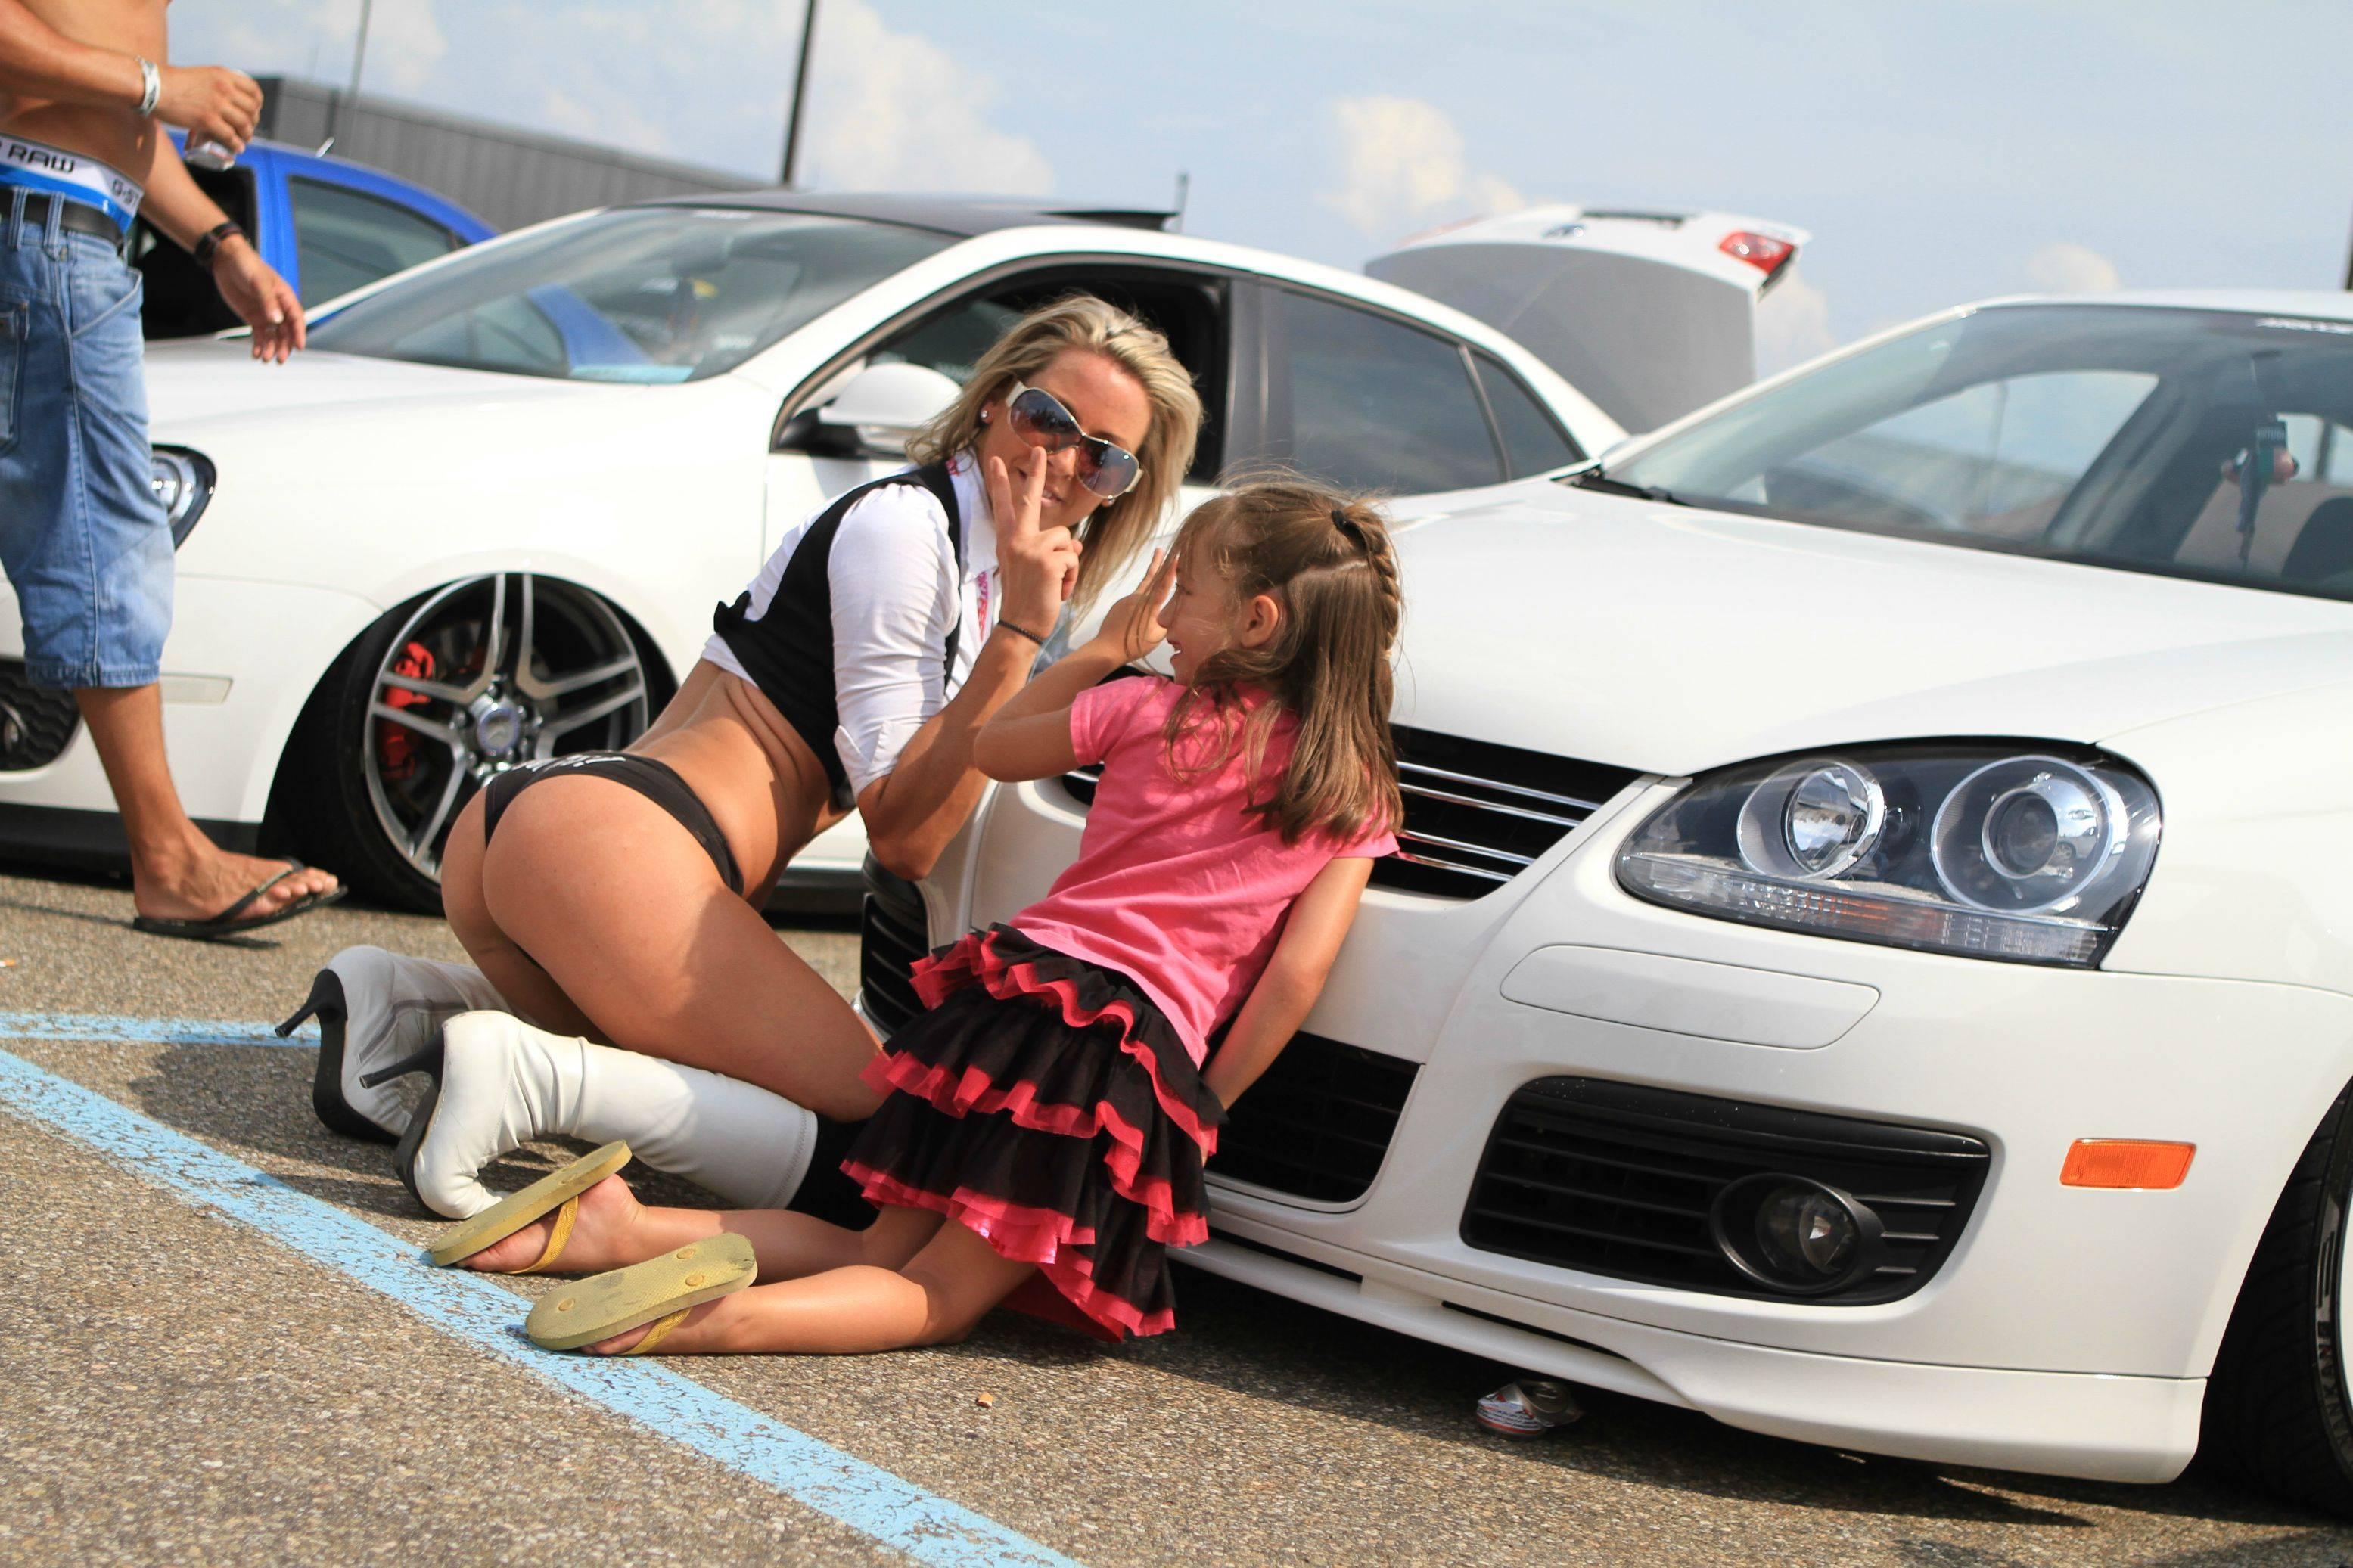 Girls strip dad